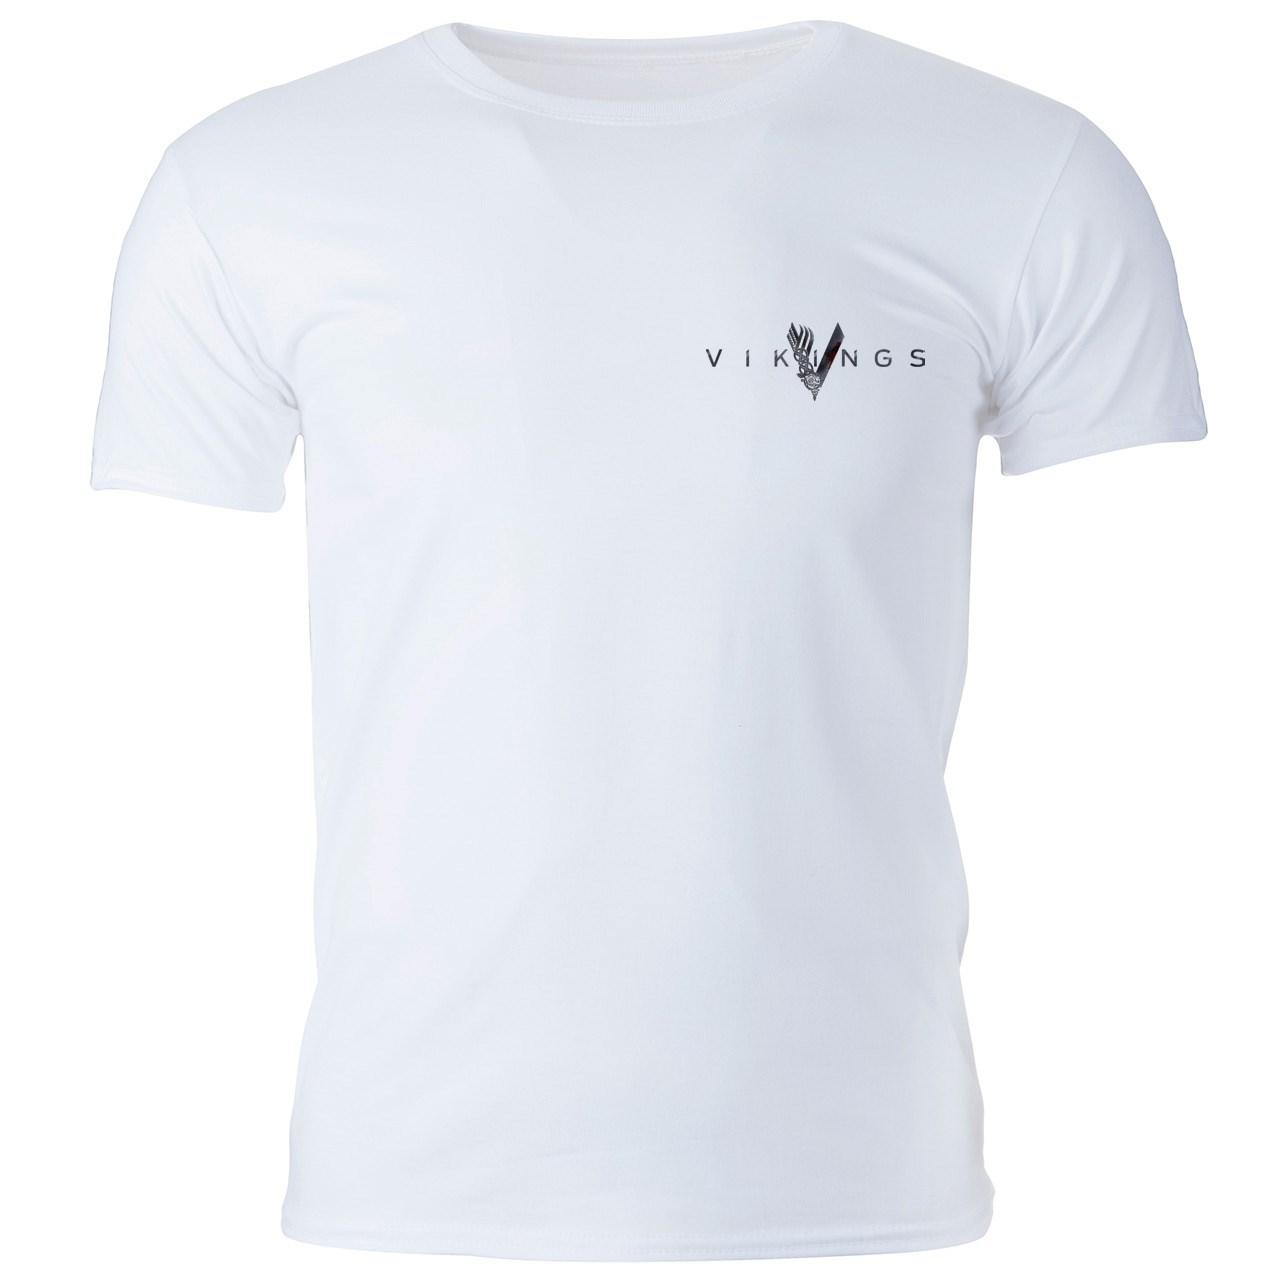 قیمت تی شرت مردانه گالری واو طرح Vikings کدCT10217z